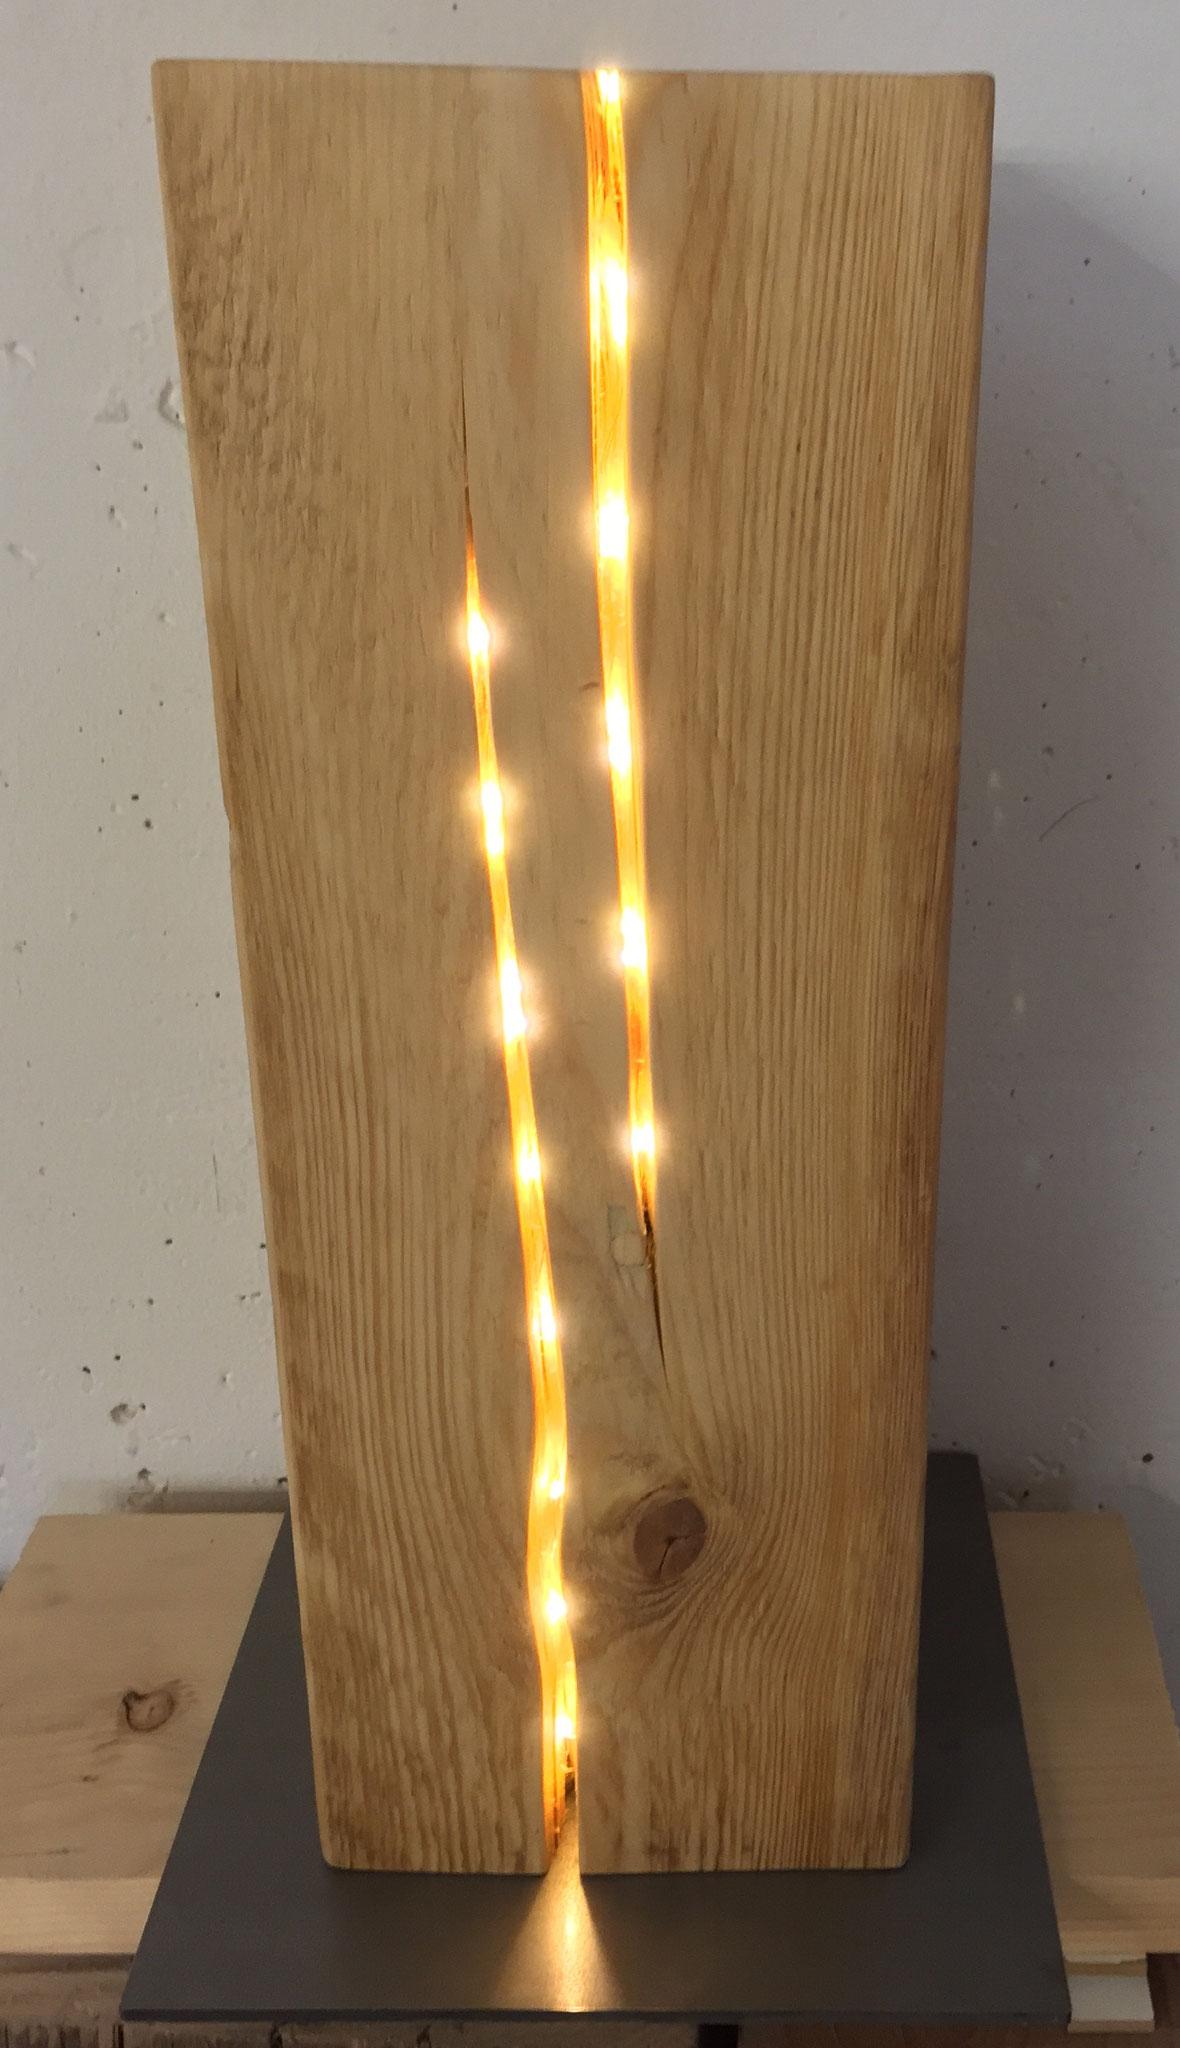 Altholz Balken mit LED Licht in den Rissen